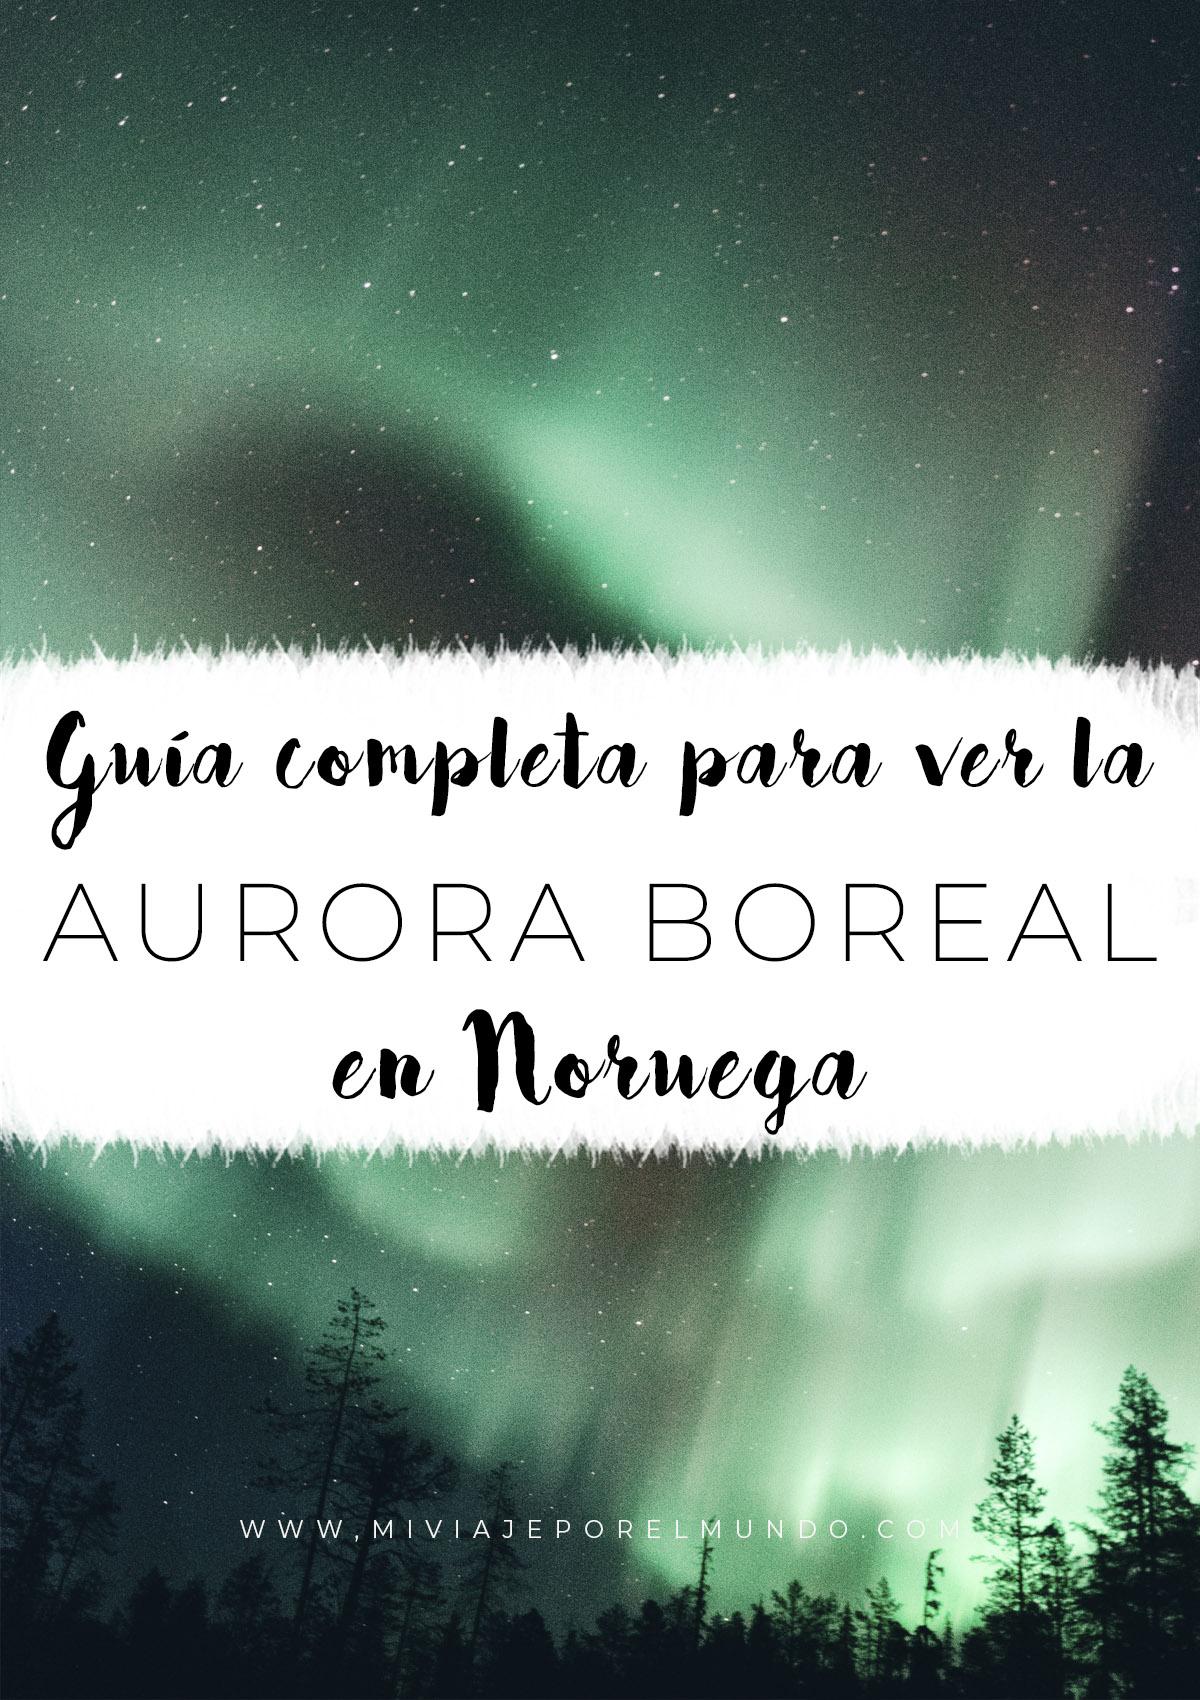 viaje para ver la aurora boreal en noruega